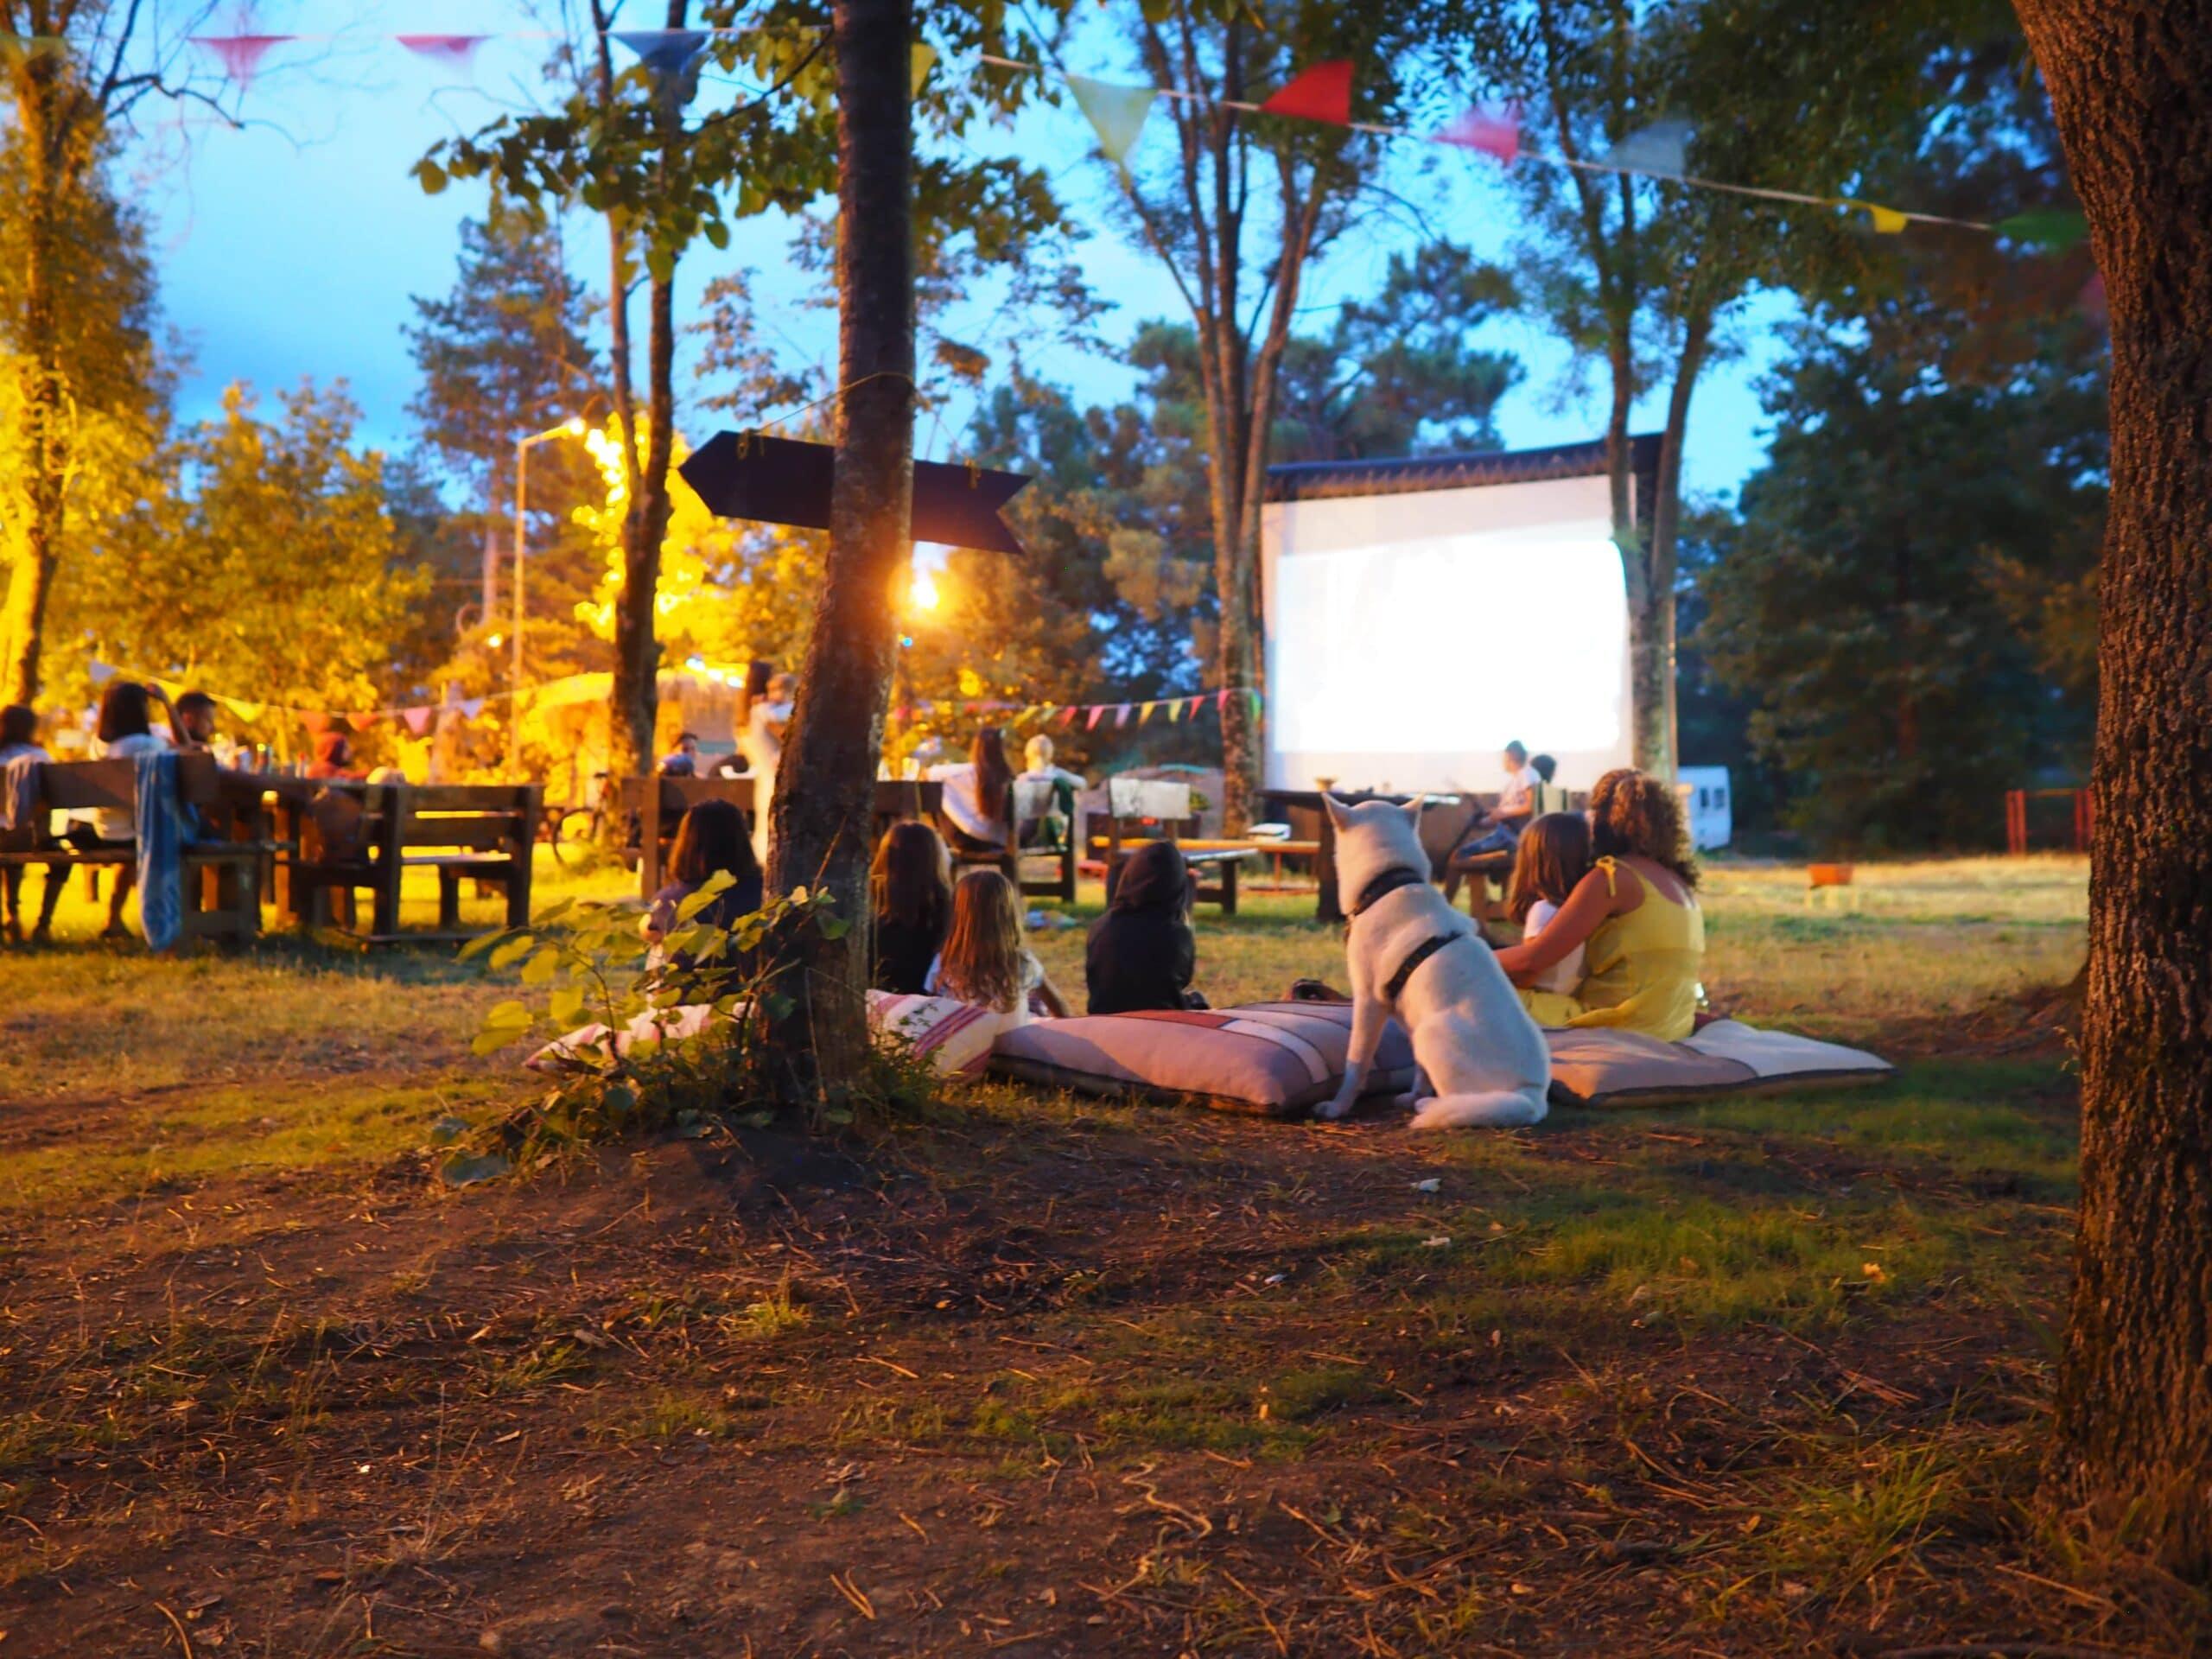 летен къмпинг на морето,betahaus camp,community event coworking sofia,betacamp,къмпинг,събитие софия